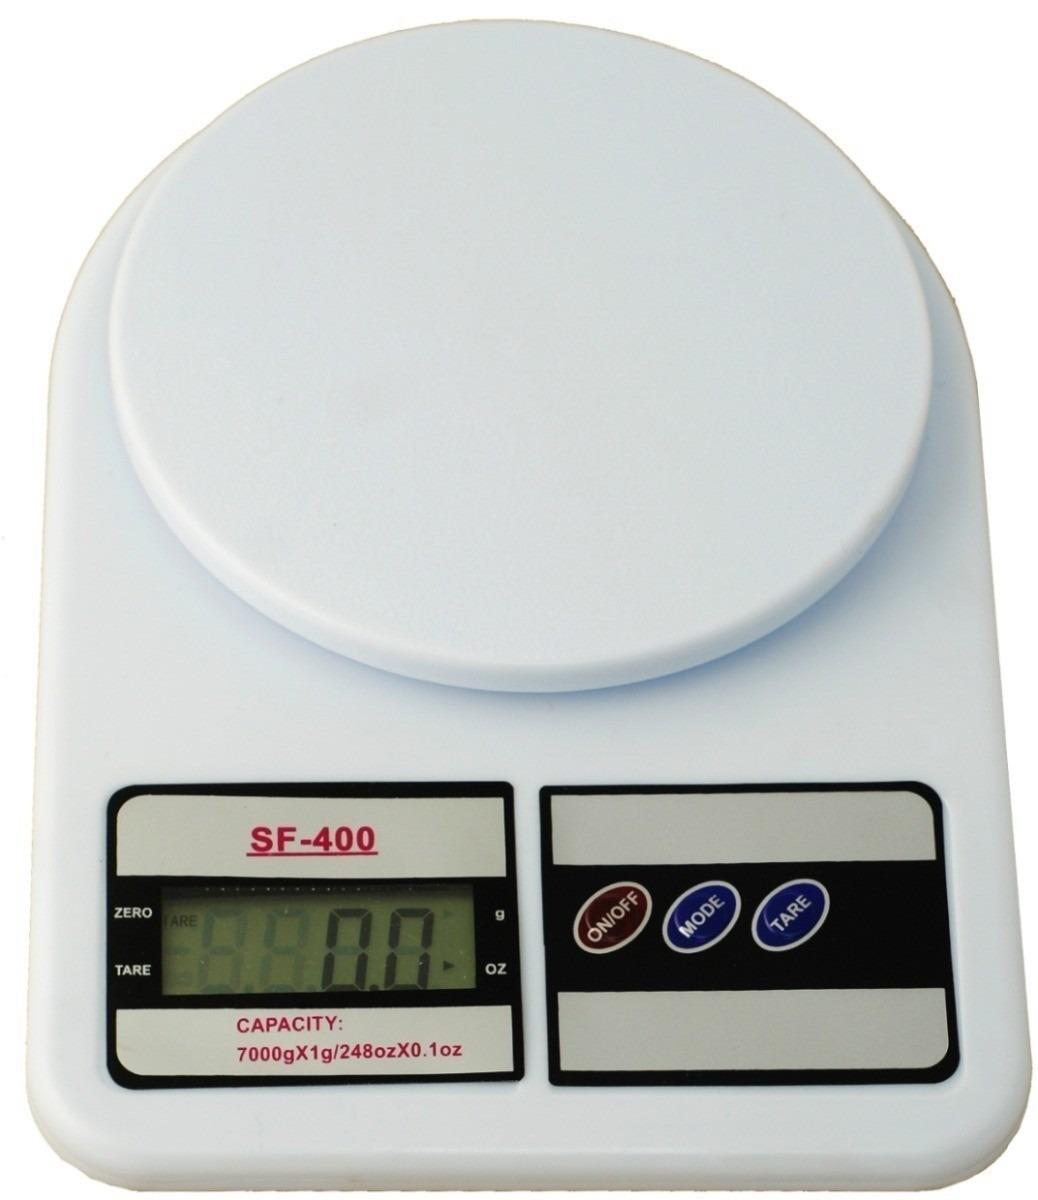 Balança Digital Eletrônica Até 7 Kg De Precisão Em Curitiba R$  #505B3A 1038x1200 Balança Digital Banheiro Britania